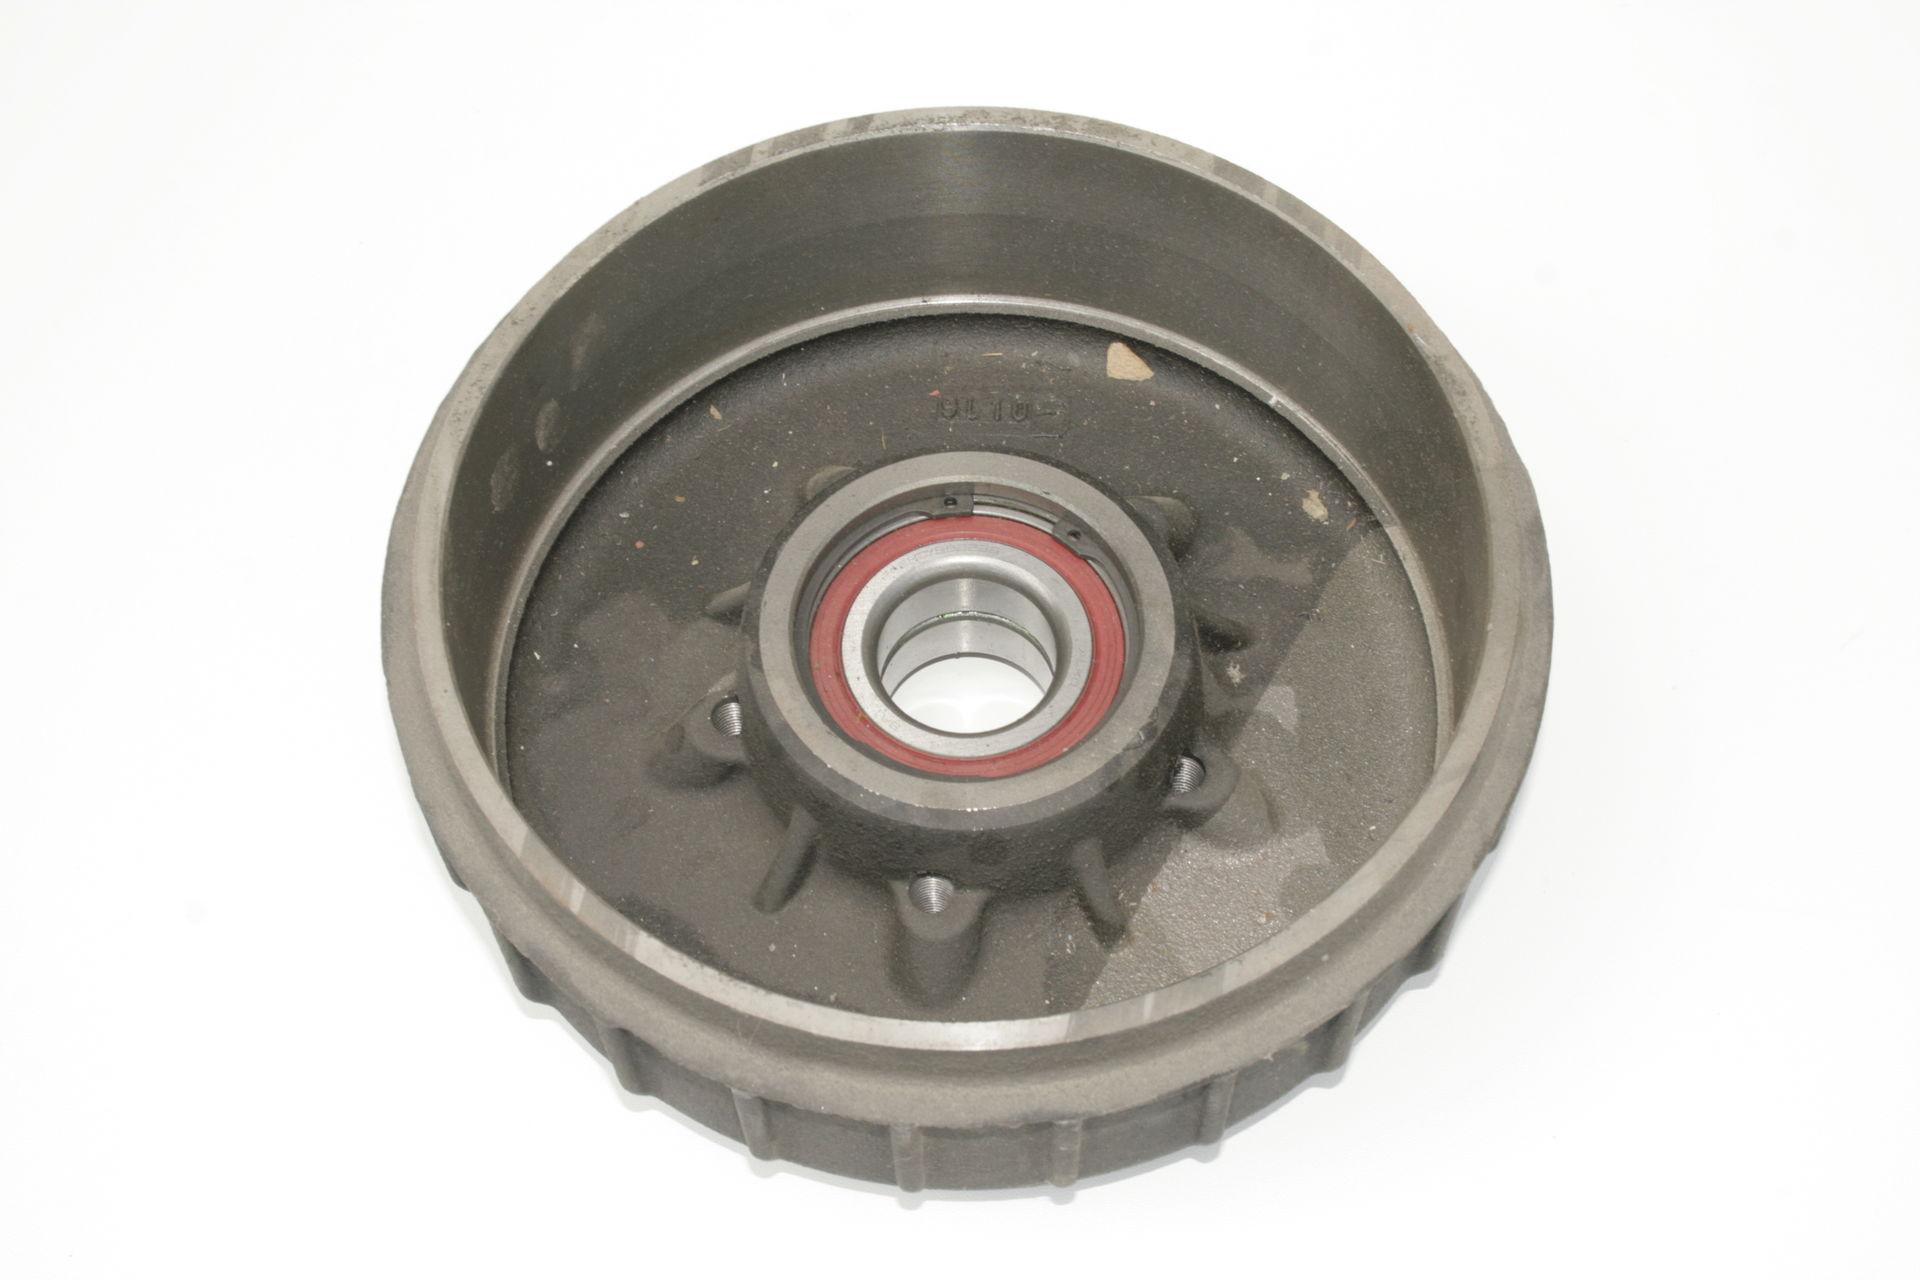 Brzdový buben AL-KO pr. 230 mm